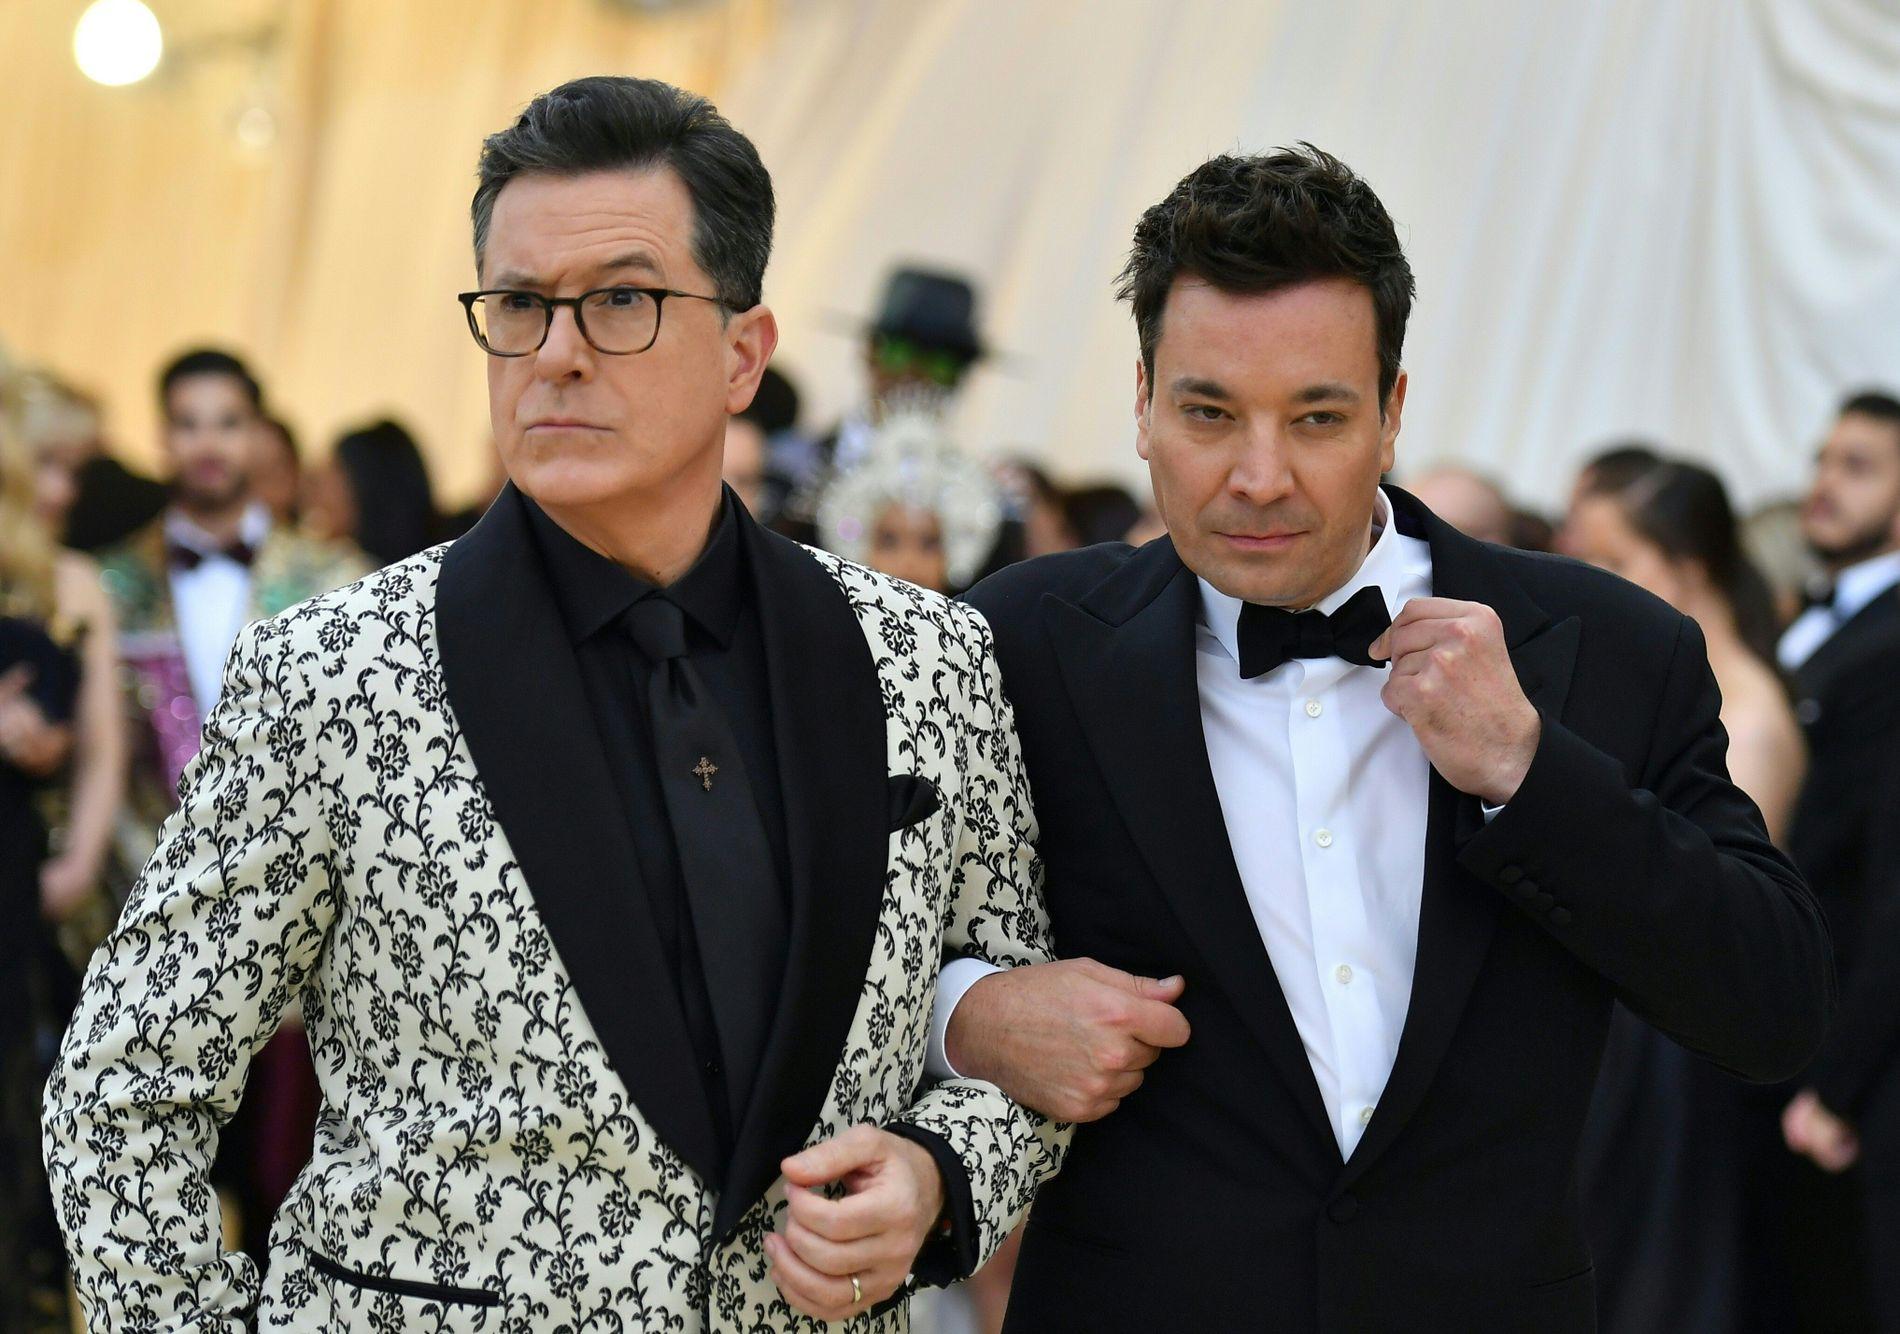 PÅ LAG: Stephen Colbert og Jimmy Fallon på rød løper under Met-gallaen i New York tidligere i år.